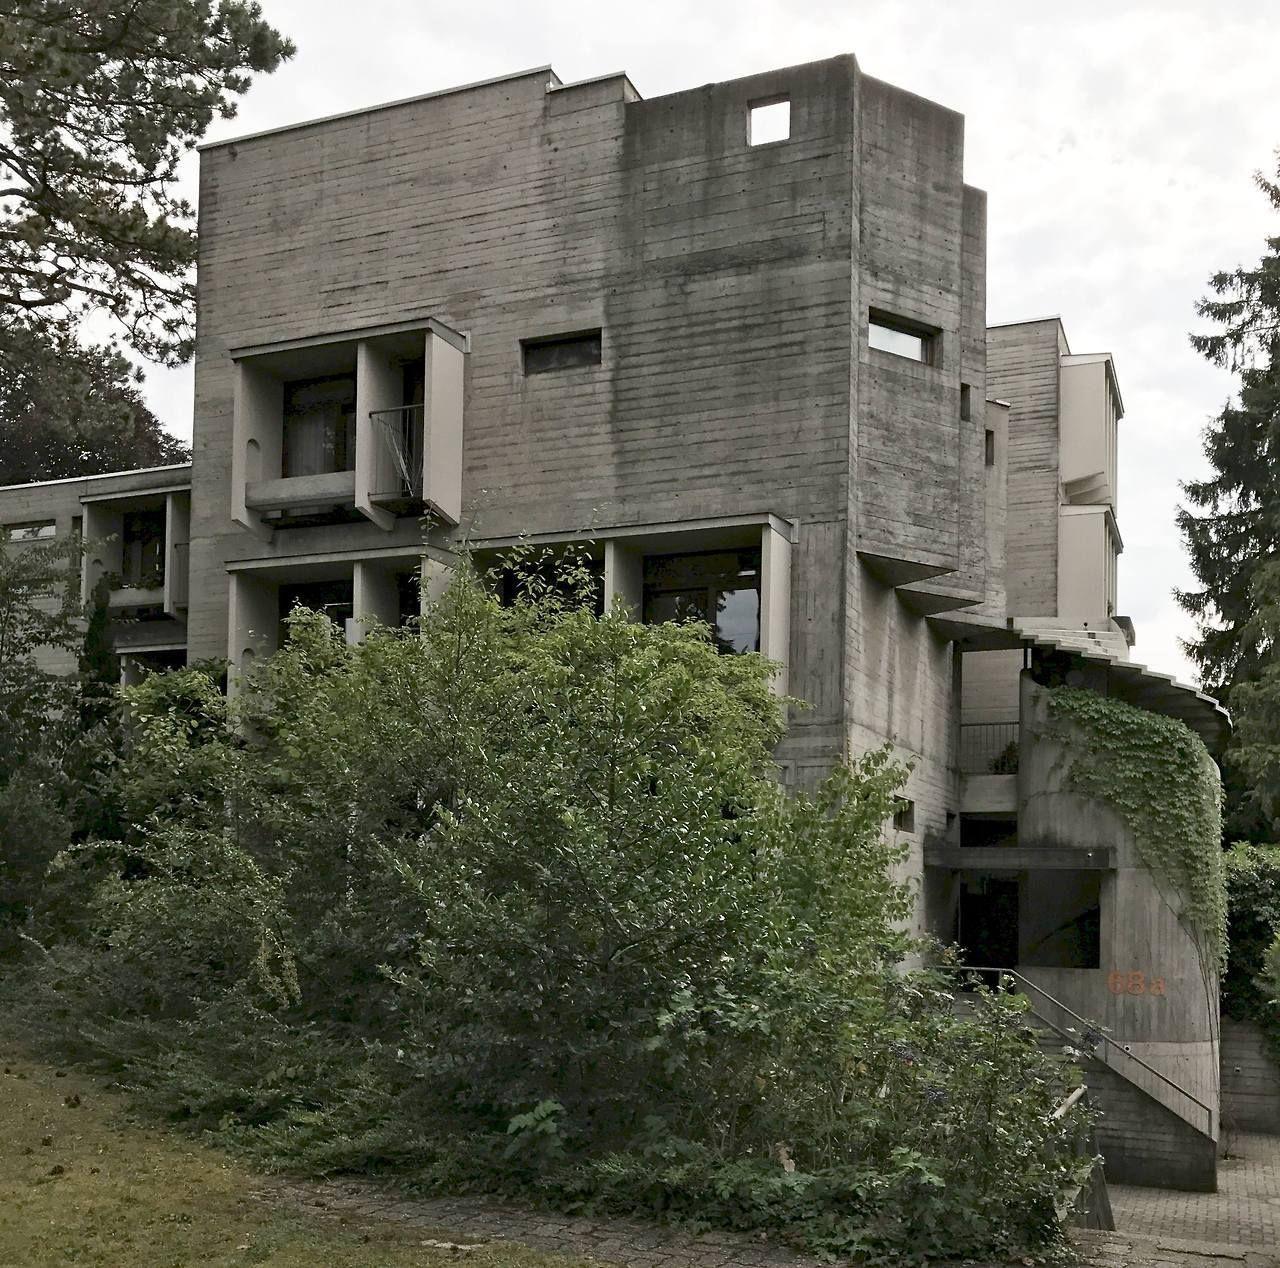 Atelier 5 Brunnadernstrasse Houses Bern Switzerland 1970 1972